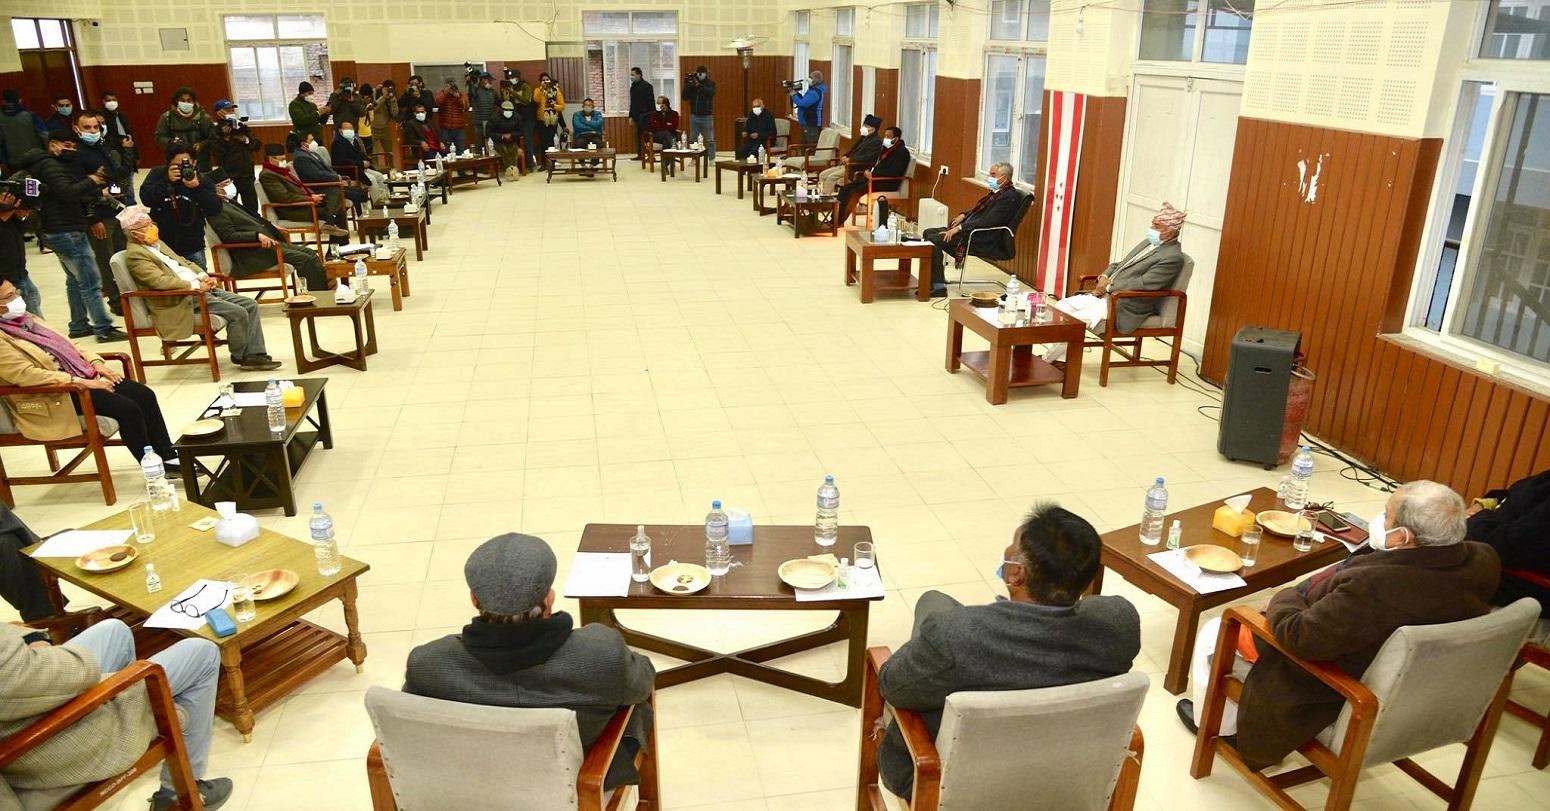 प्रधानमन्त्री ओलीको असंवैधानिक कदमविरूद्ध मिलेर संघर्ष  गर्ने तीन दलको  निर्णय